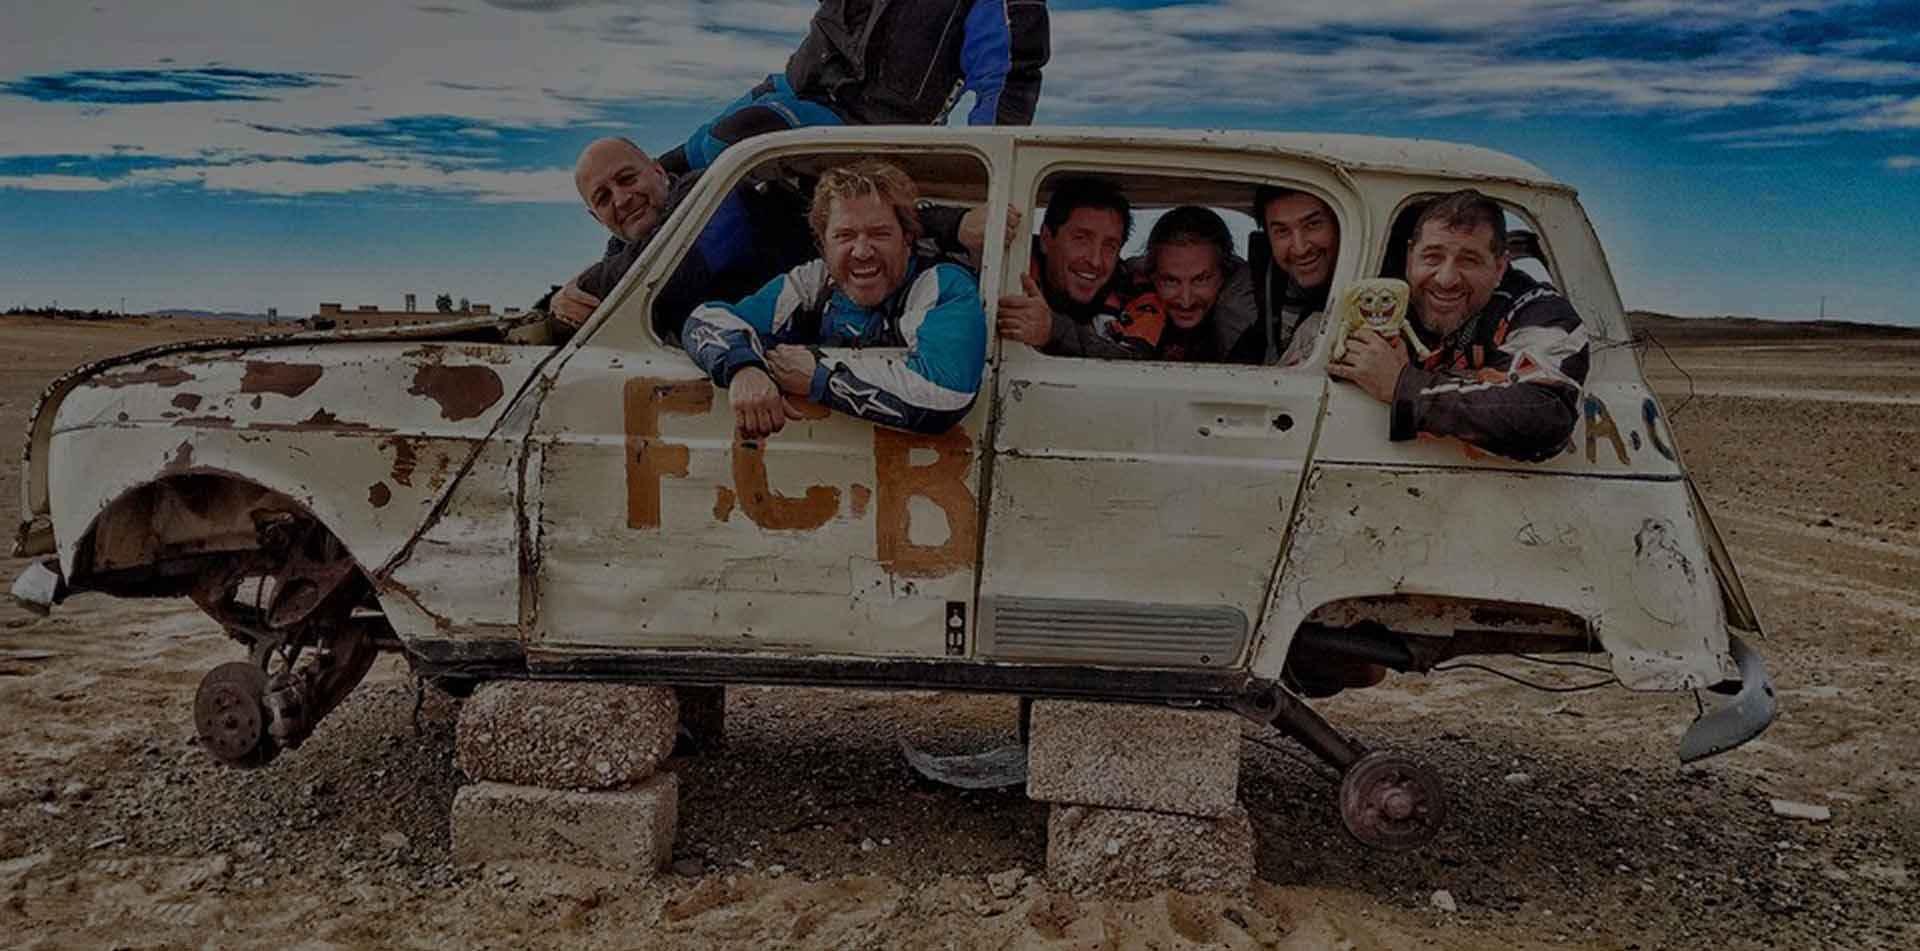 Morocco Adventure - Marruecos en moto trail